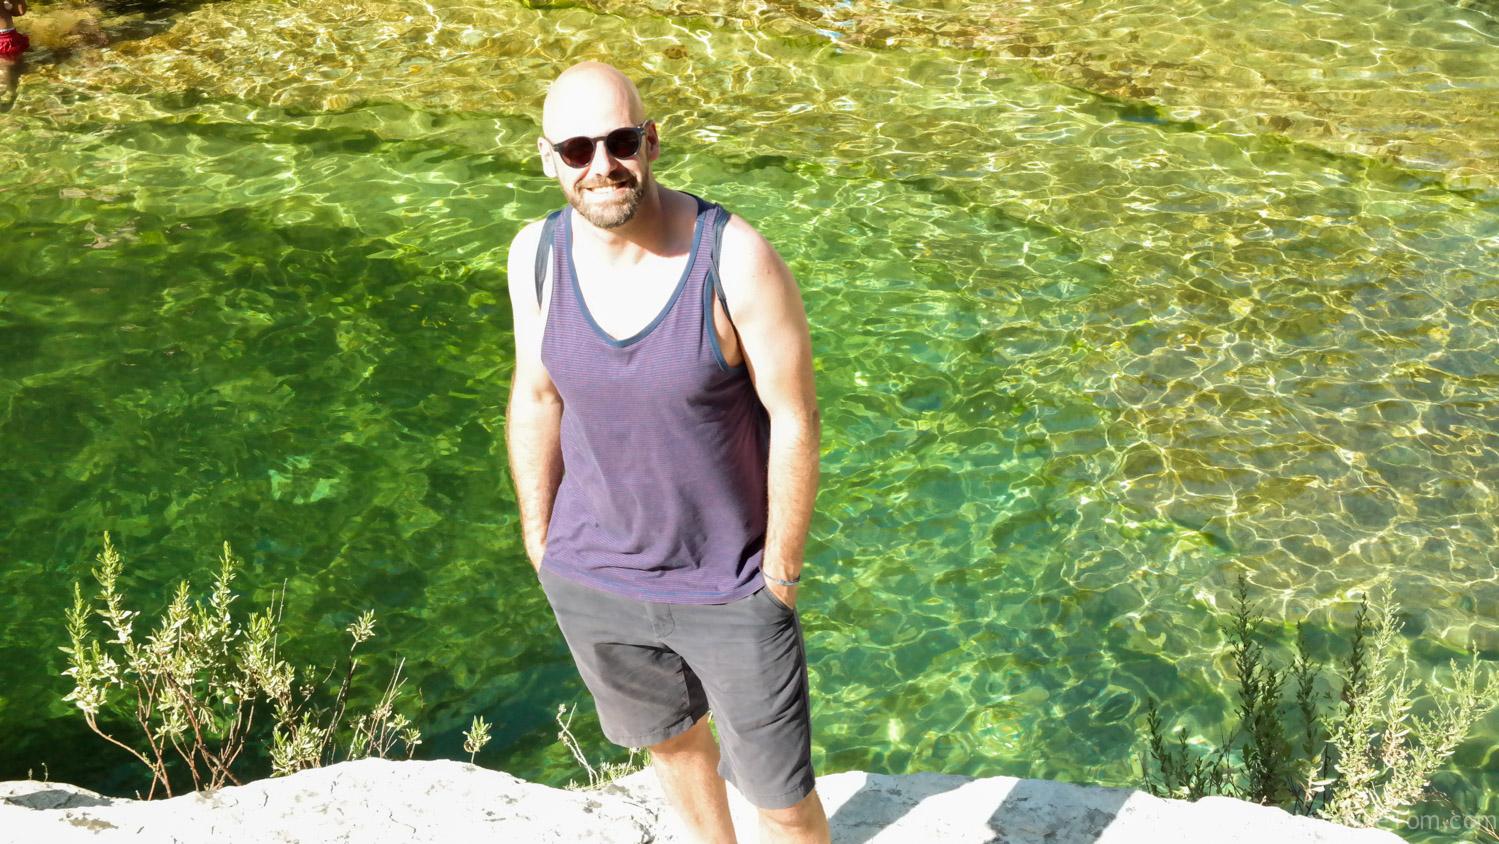 gay travel blogger LiveLikeTom hiking Cavagrande del Cassibile Sicilië wandelen